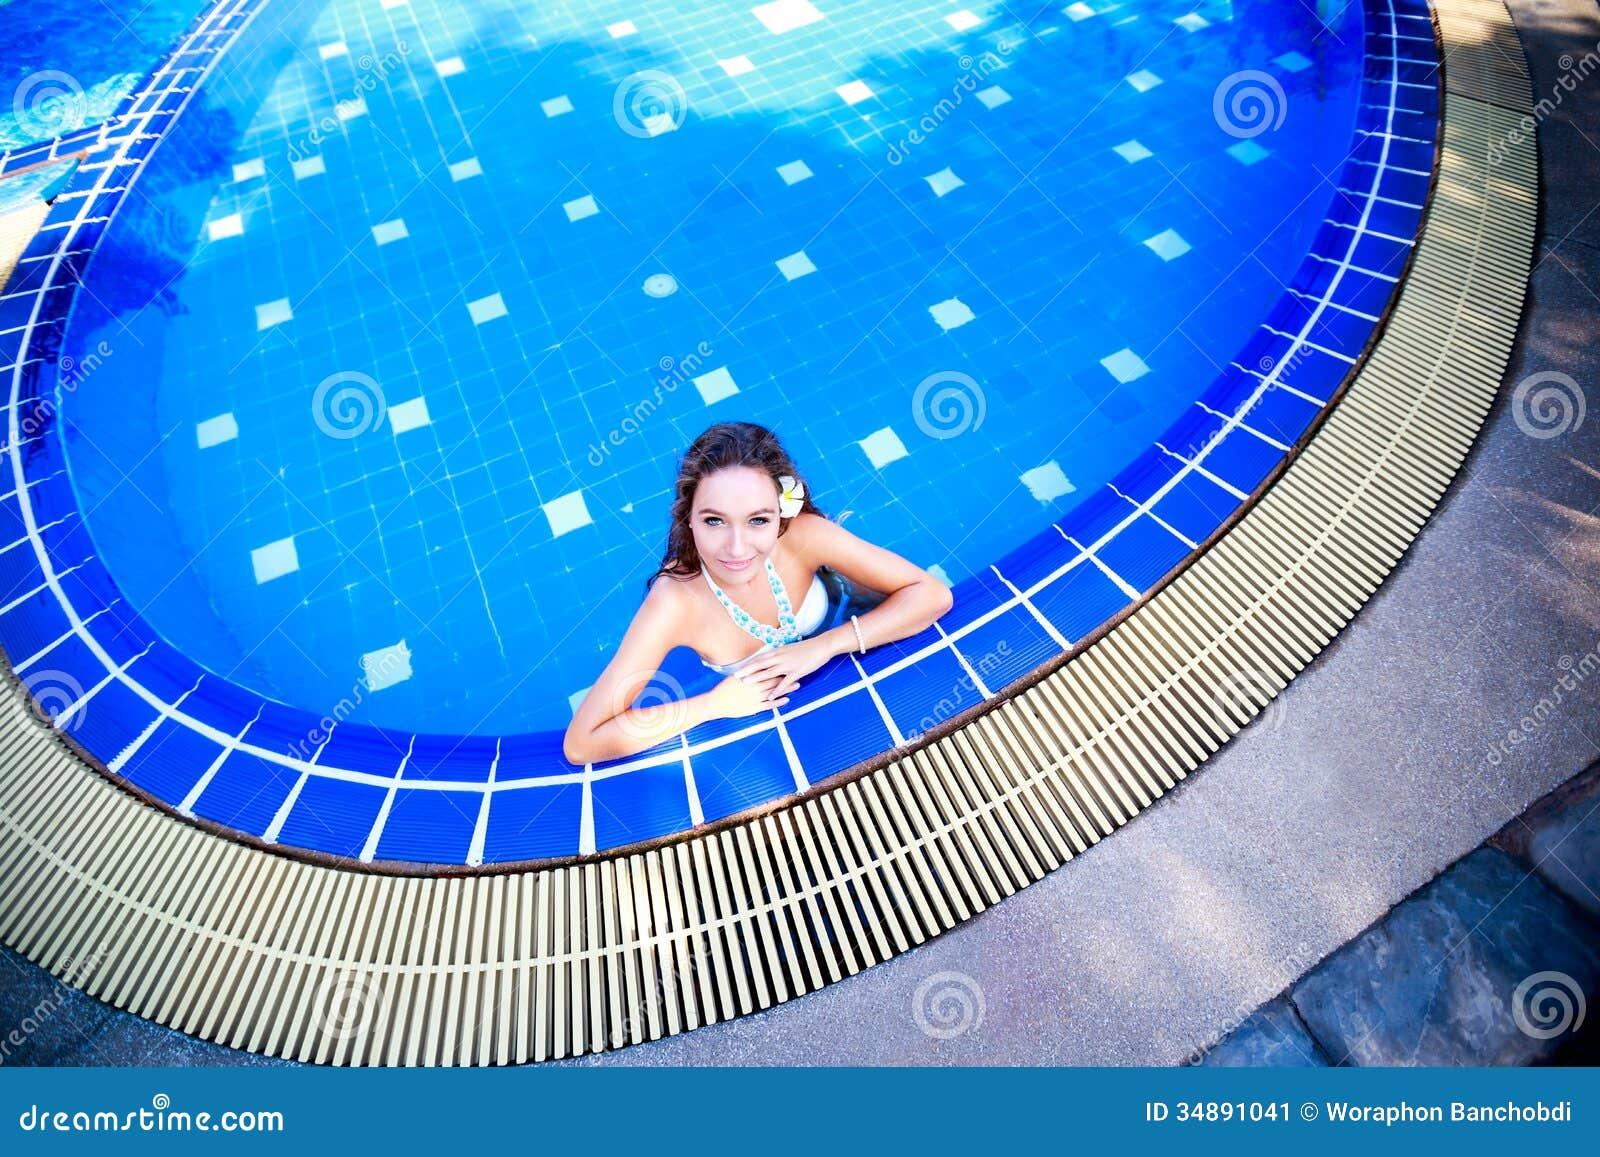 Junge Frau, die in einem Swimmingpool steht